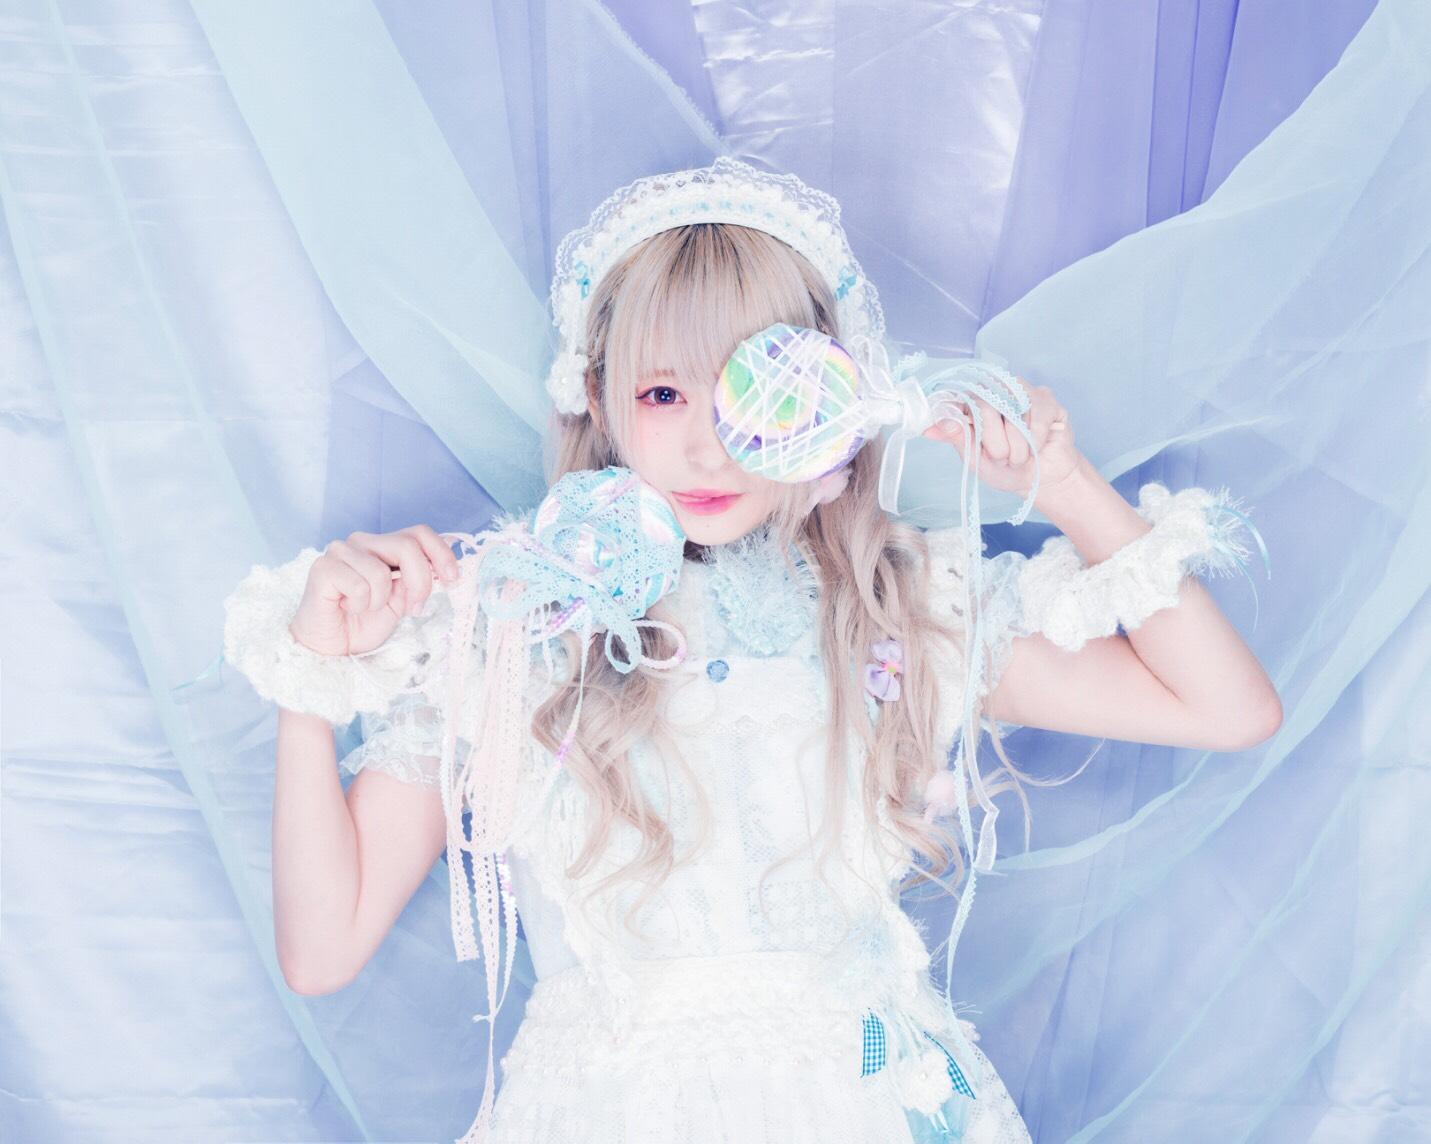 小鳩りあ生誕イベント『#こばとりあ生誕2020』